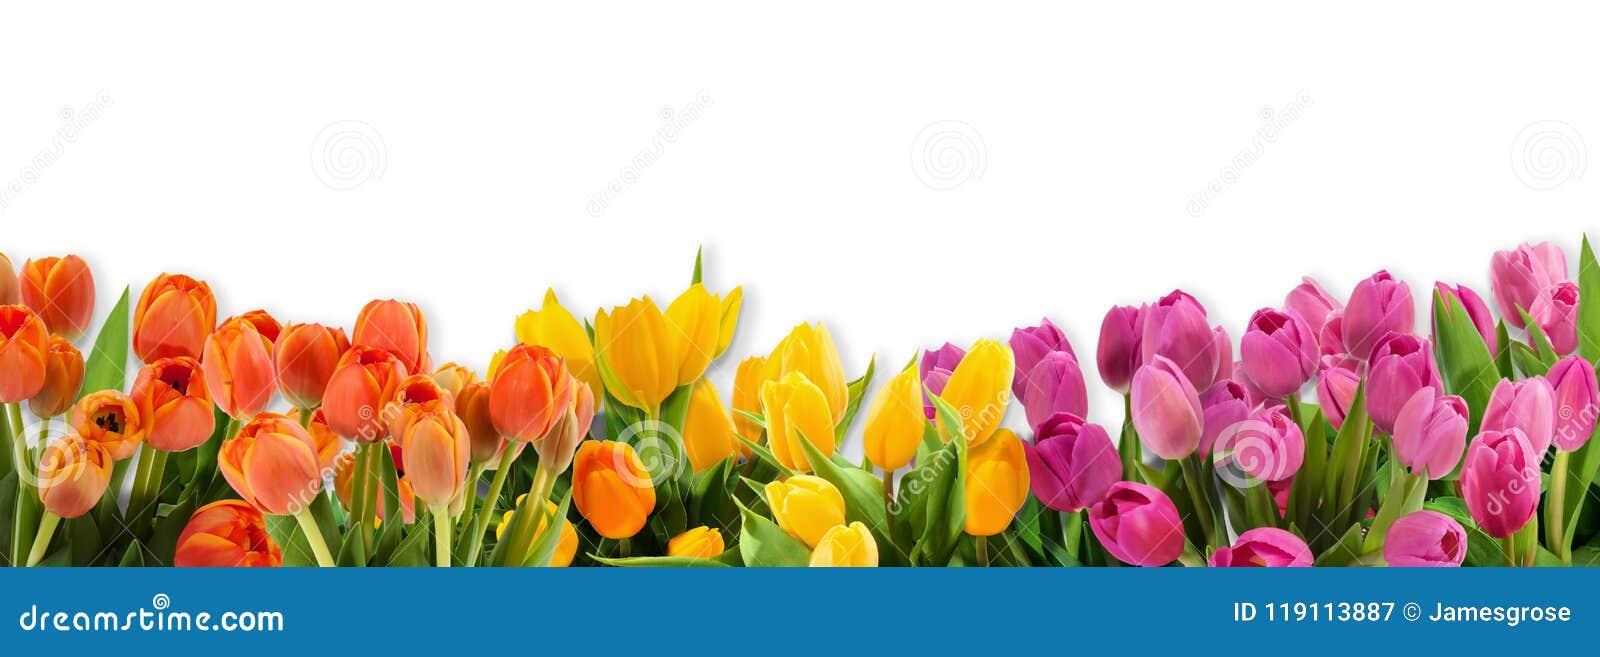 36a534c66922 Flores Del Tulipán Agrupadas Juntas En Fila Imagen de archivo ...